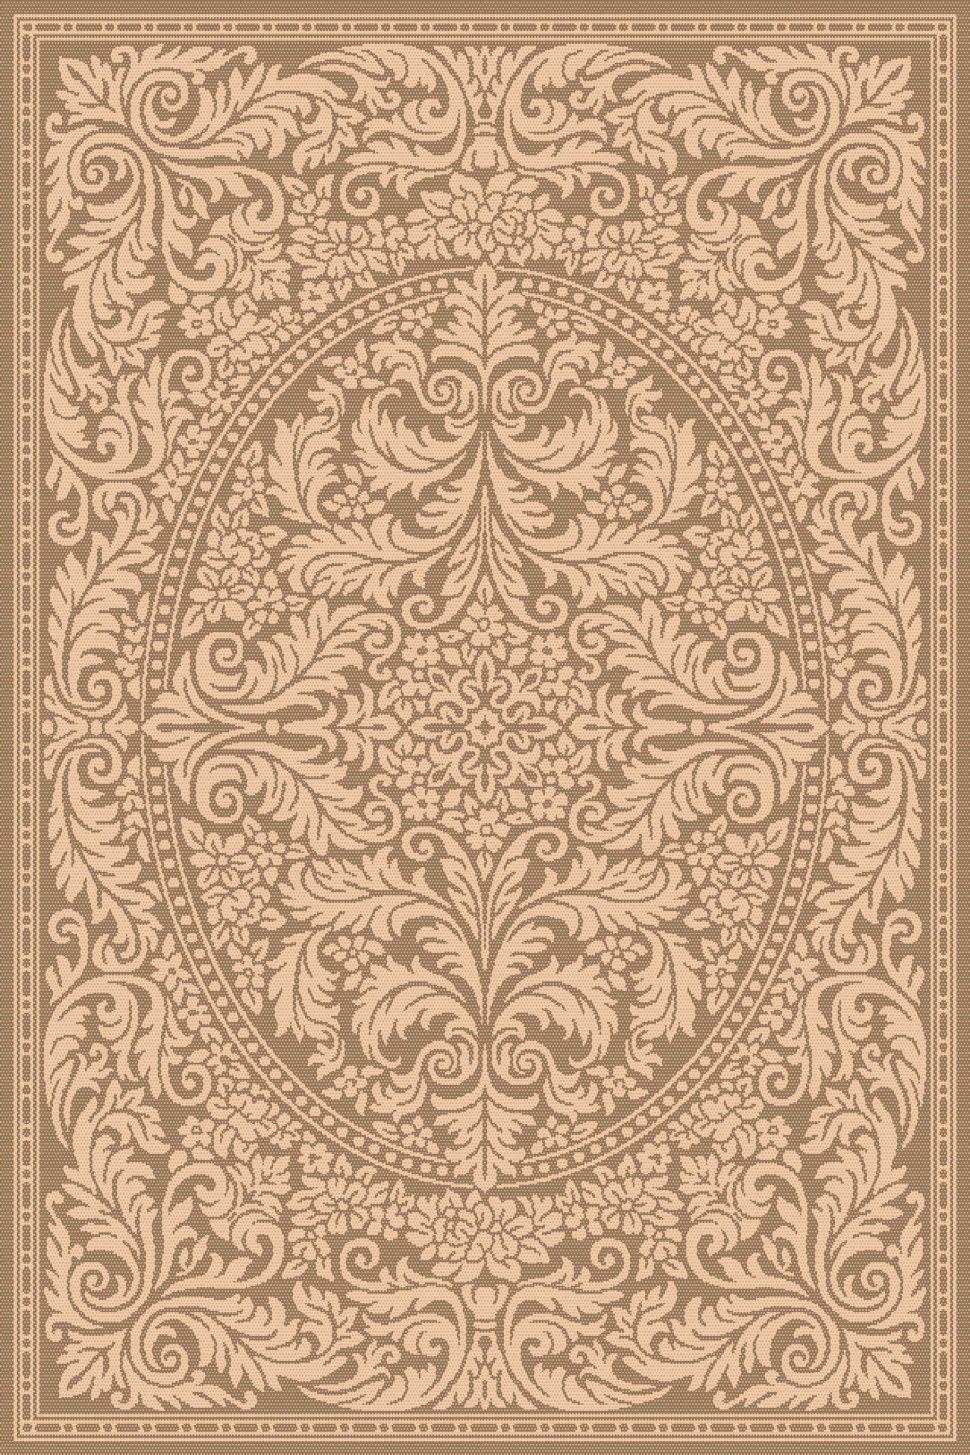 Ковер Sintelon Havana (арт.L 26DED) 2900*2000ммСовременные ковры<br><br><br>Бренд: Sintelon<br>Страна-изготовитель: Сербия<br>Форма ковра: прямоугольник<br>Материал ворса коврового покрытия: Полипропилен<br>Высота ворса коврового покрытия (мм): 8<br>Длина ковра (мм): 2900<br>Ширина ковра (мм): 2000<br>Цвет коврового покрытия: Коричневый